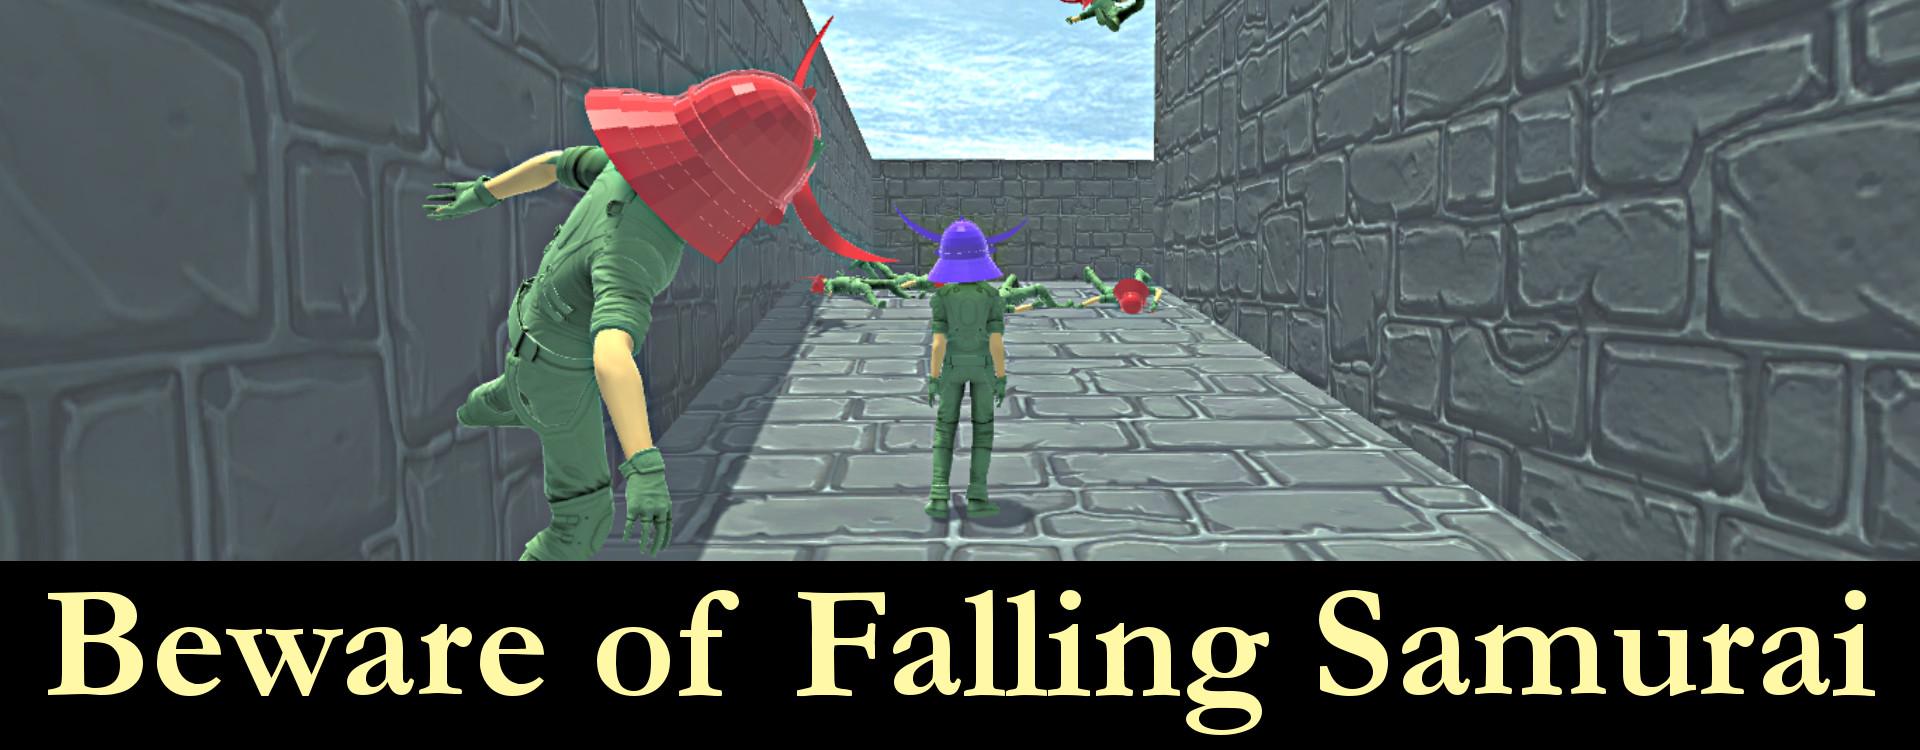 Beware of Falling Samurai